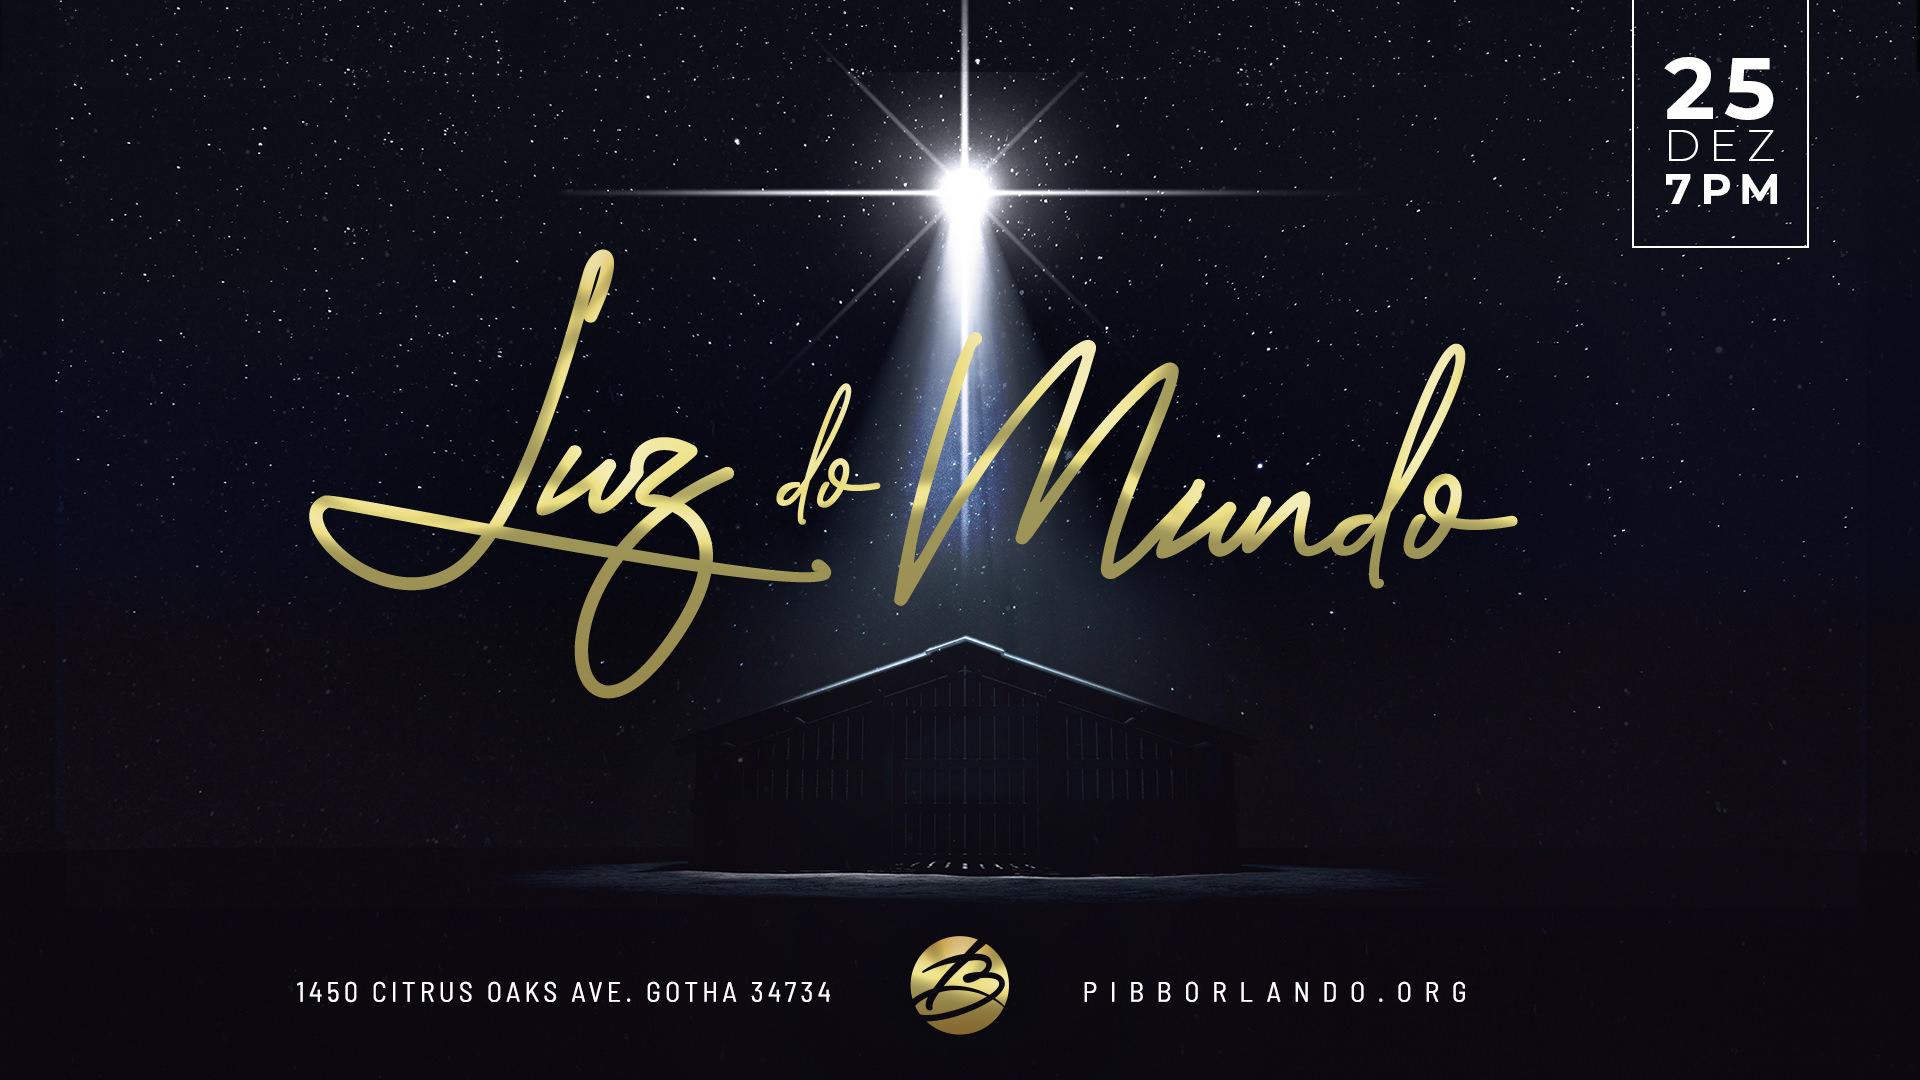 Luz-do-Mundo_1920x1080px_111819